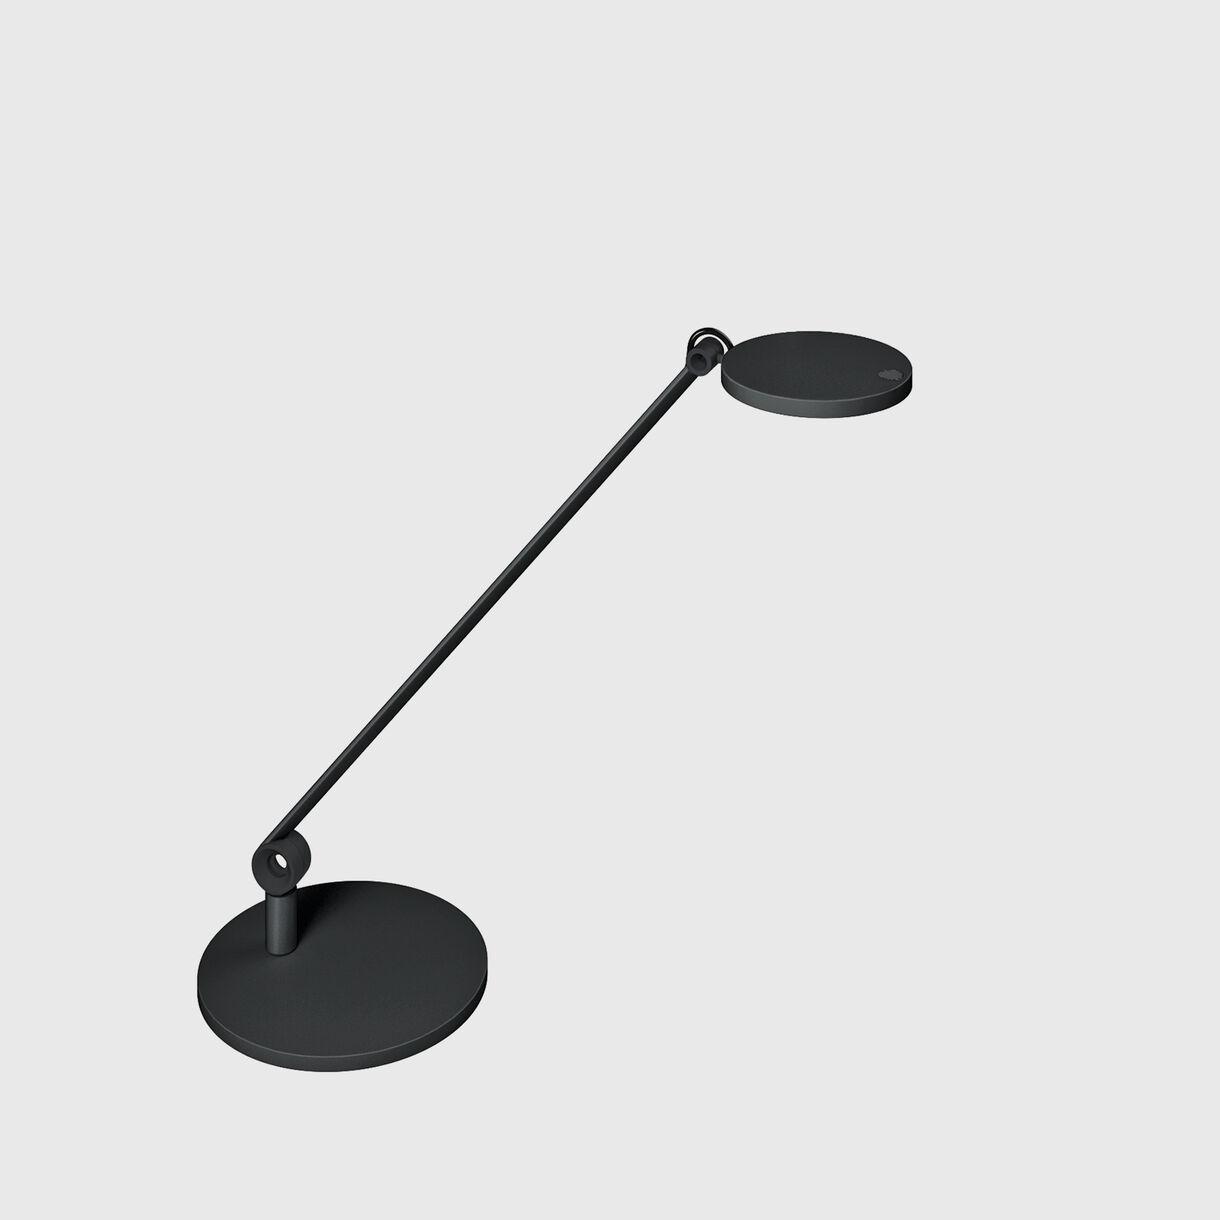 Para.mi Task Lamp, 1-Piece Arm, Round, Black